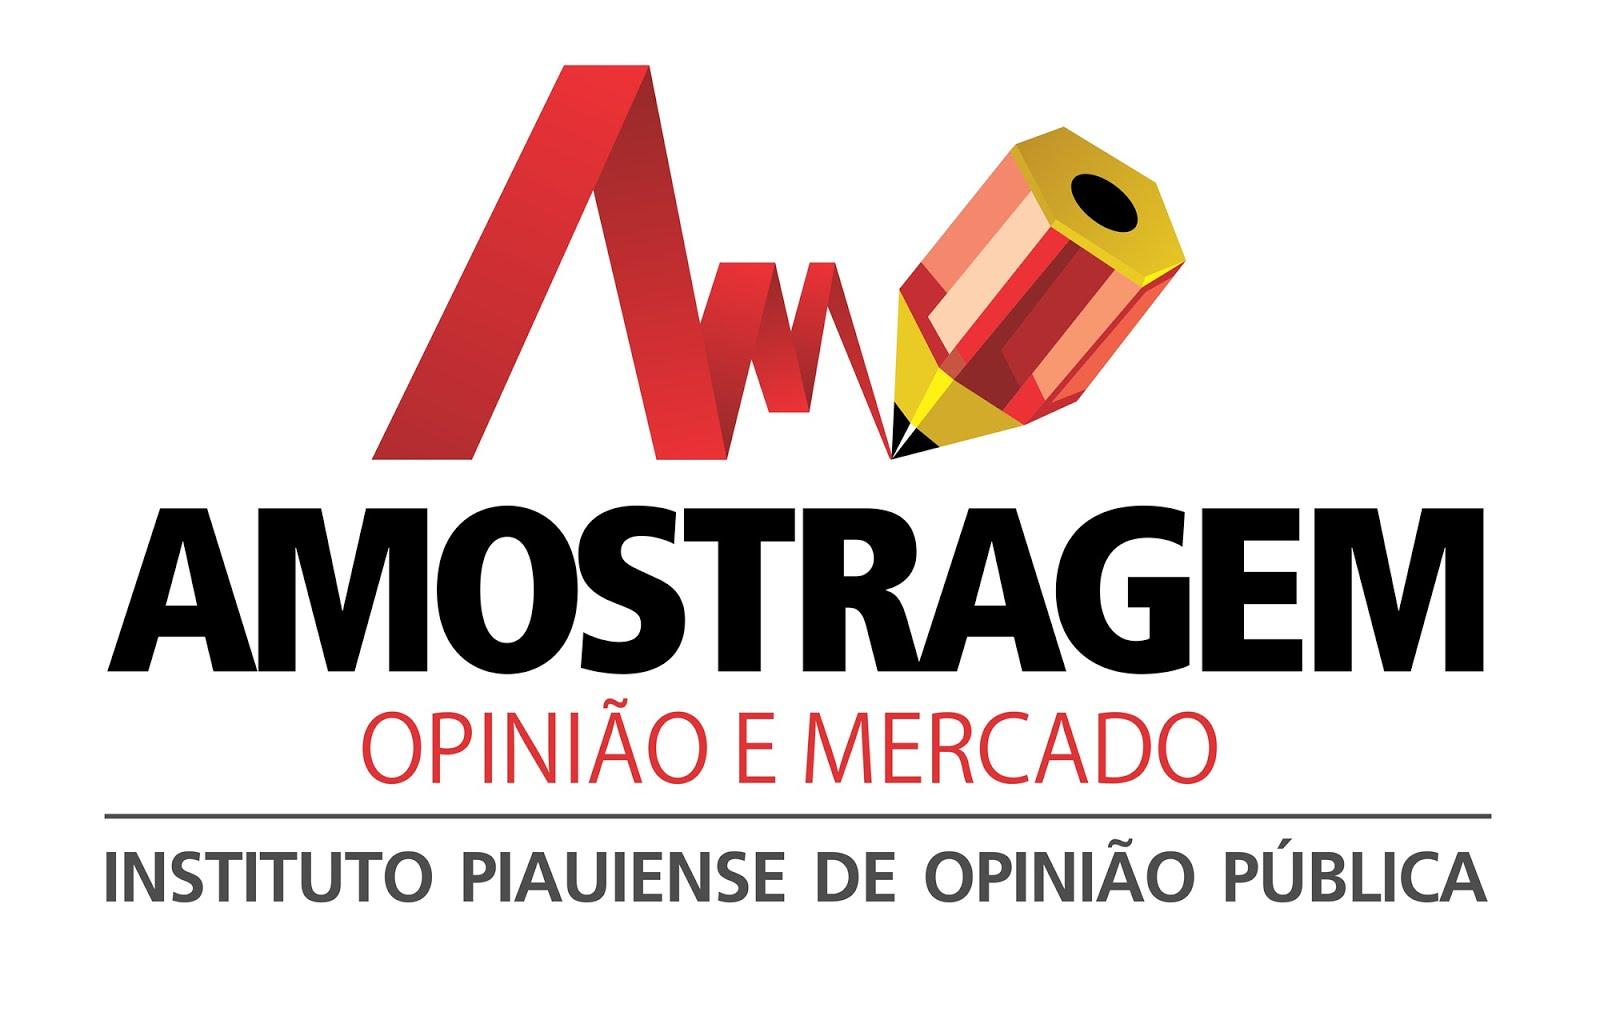 Instituto Piauiense de Opinião Pública - Amostragem